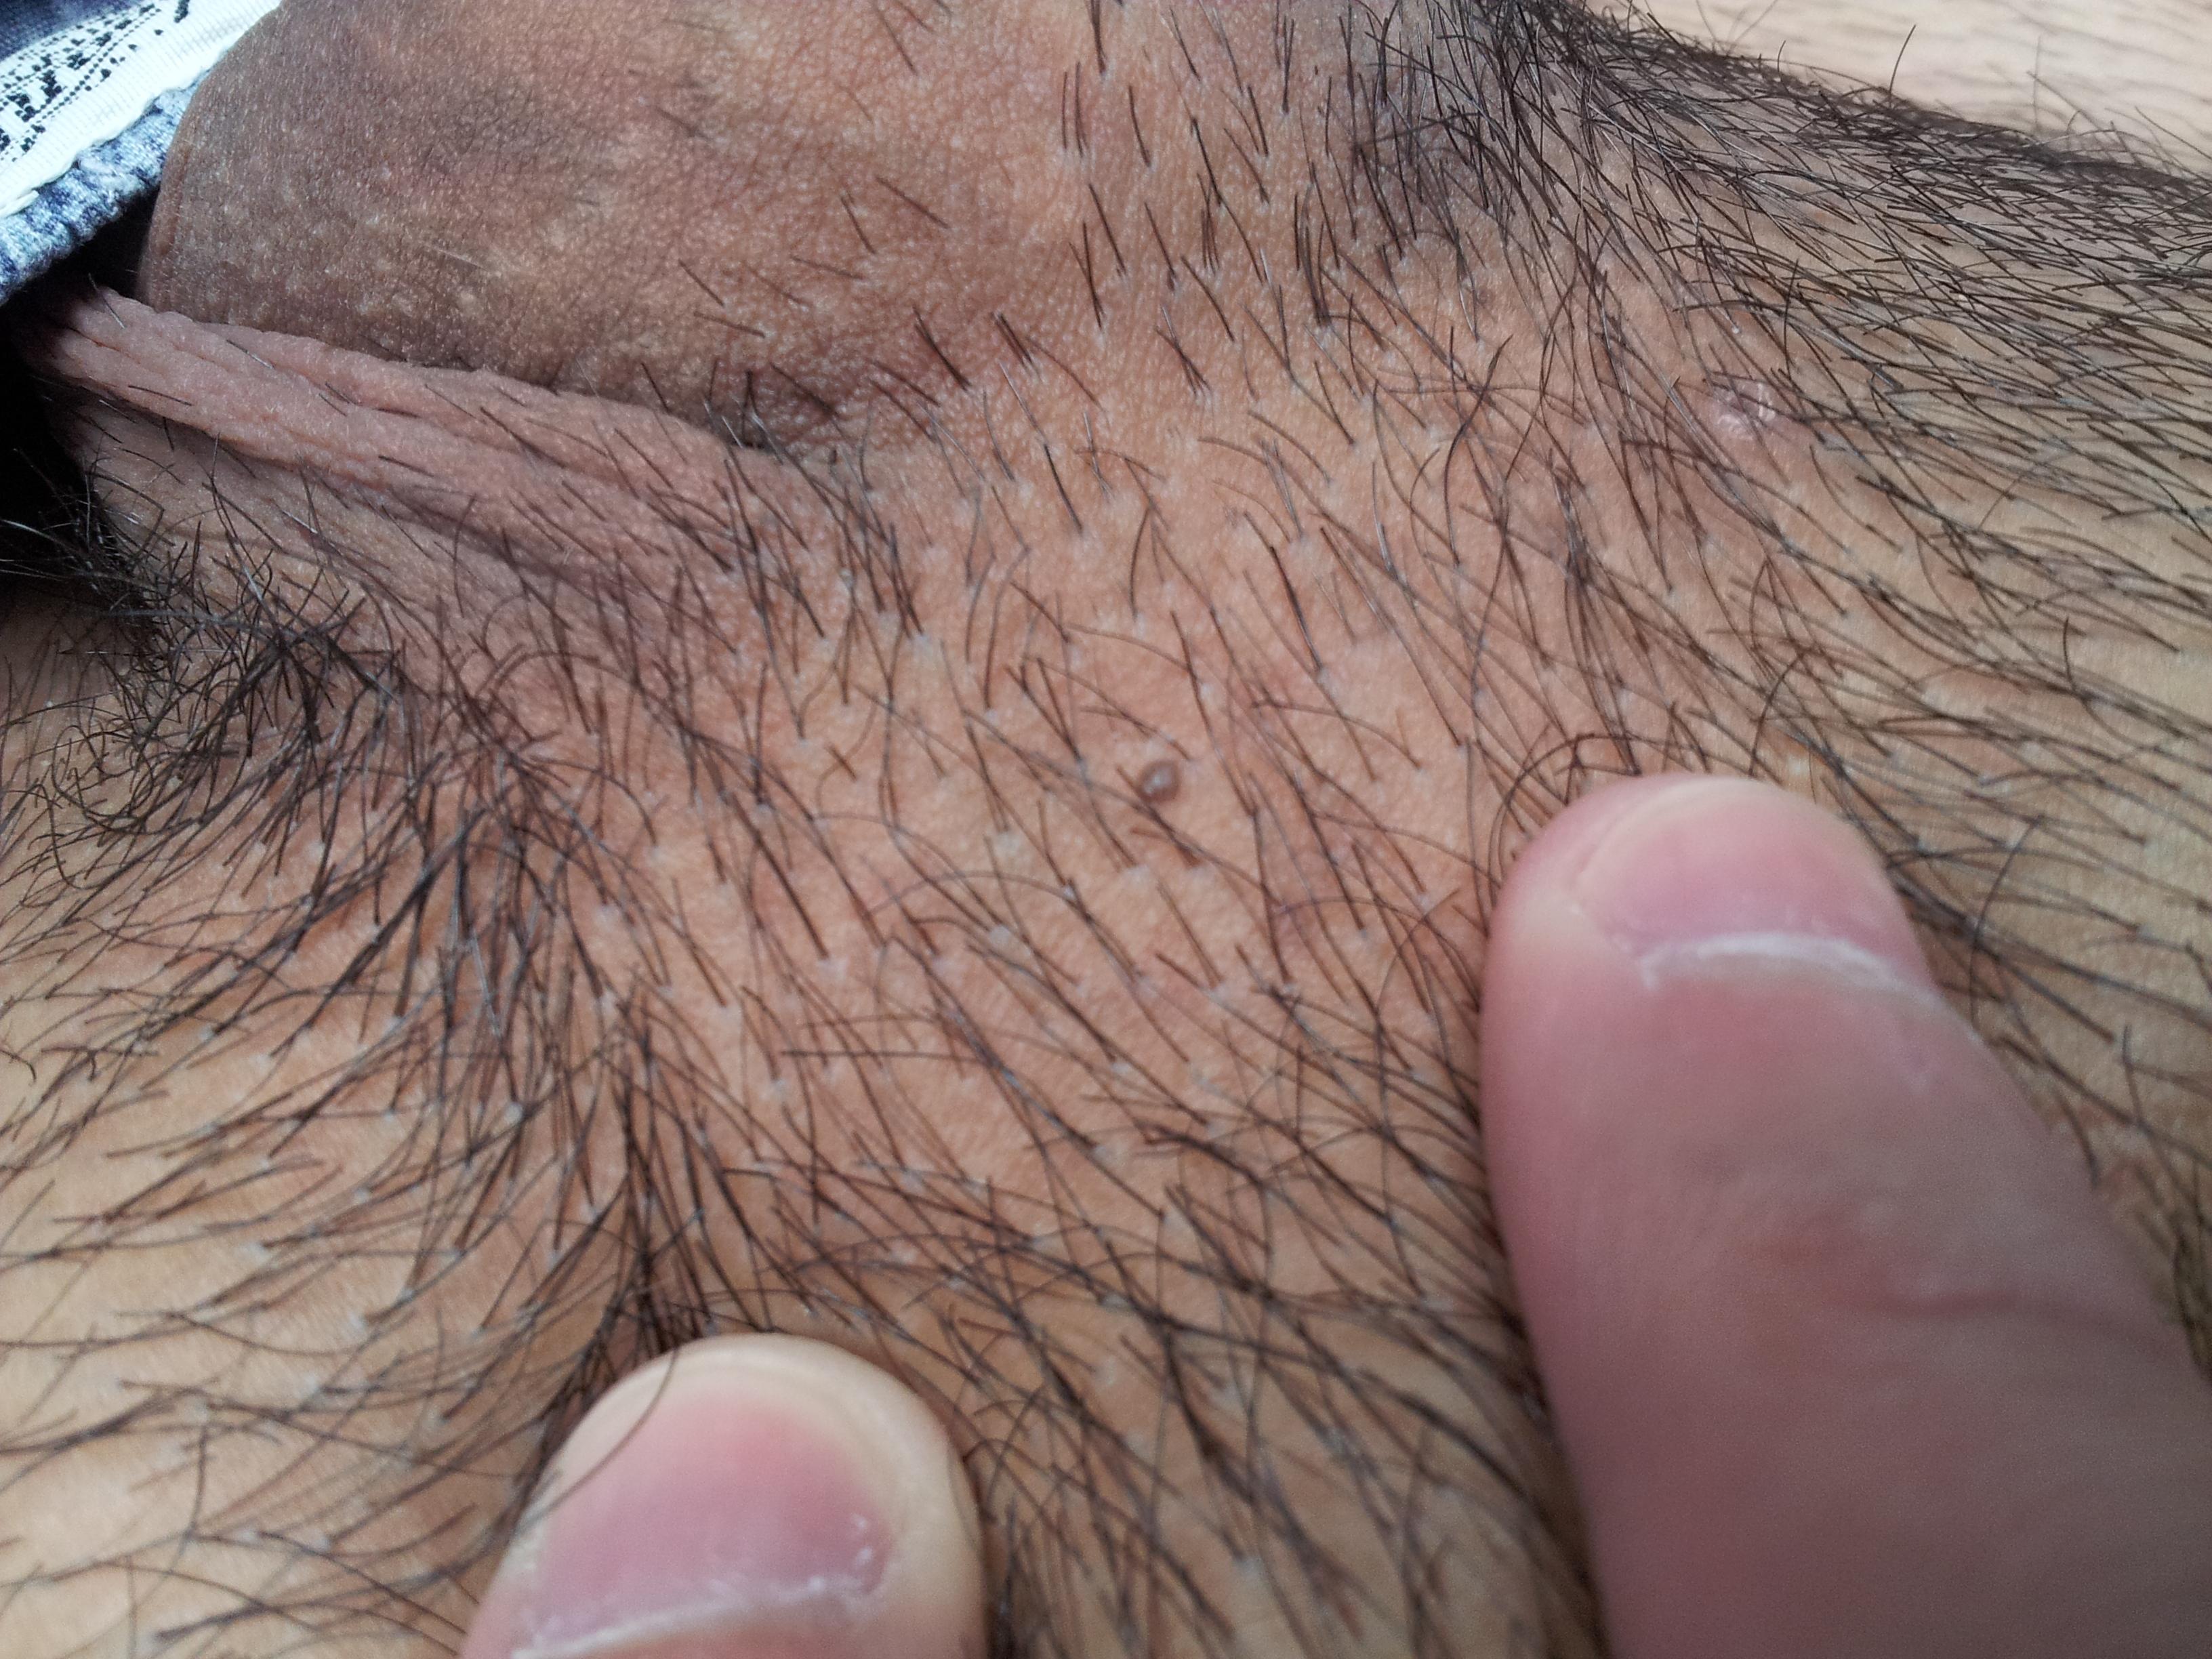 Big curvy latina ass pussy